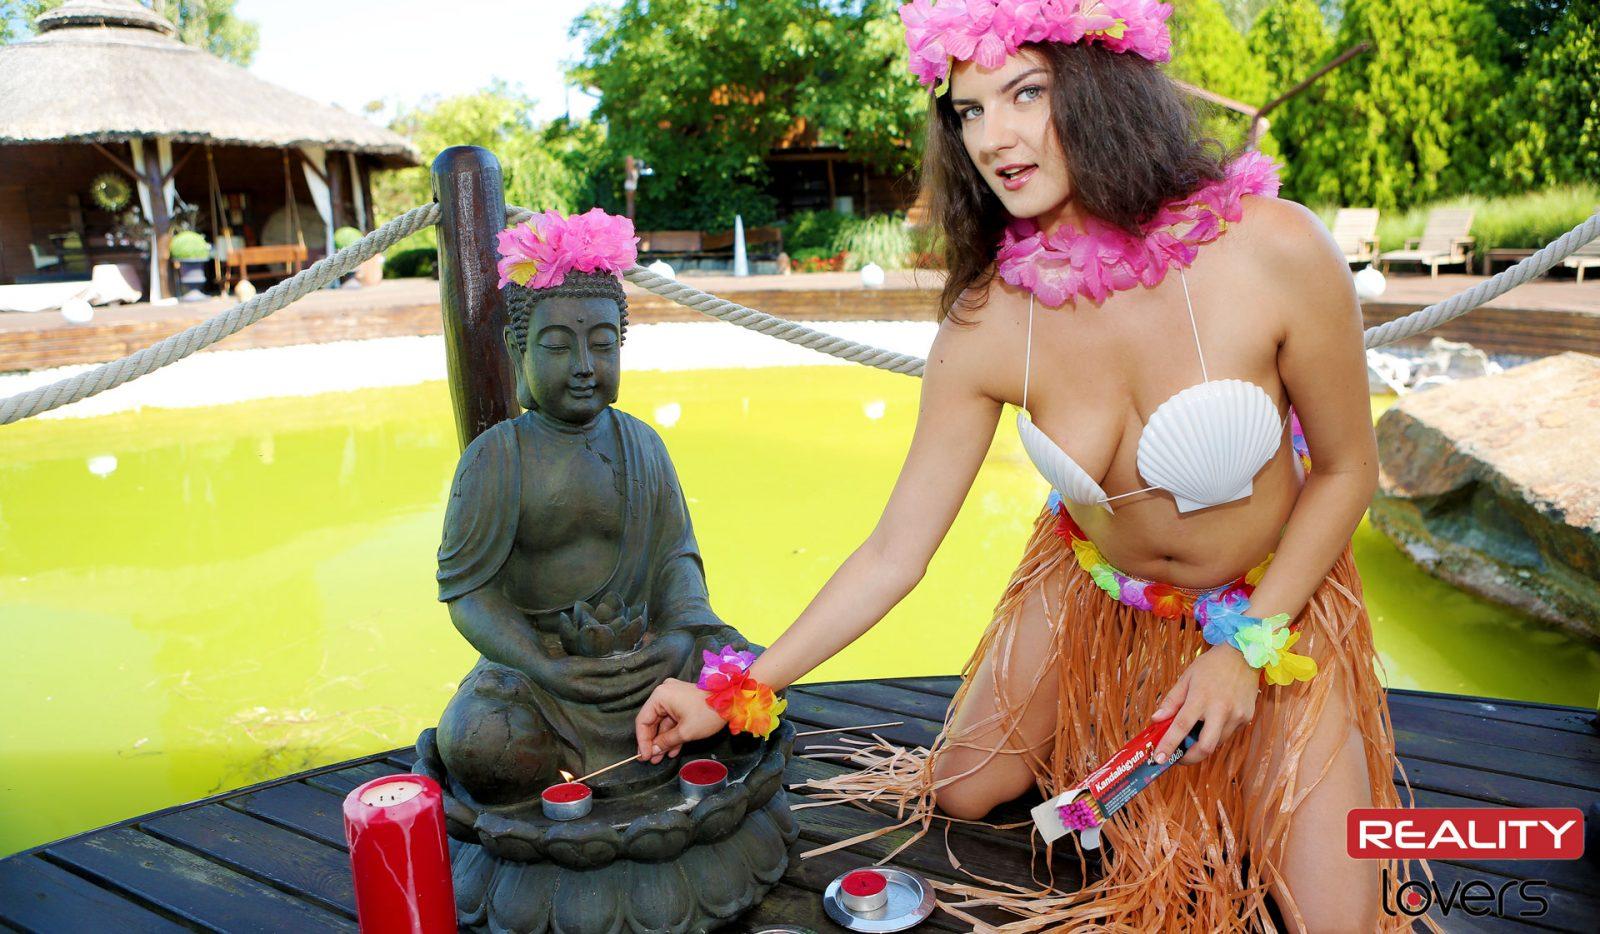 The Island Nymph Francesca DiCaprio